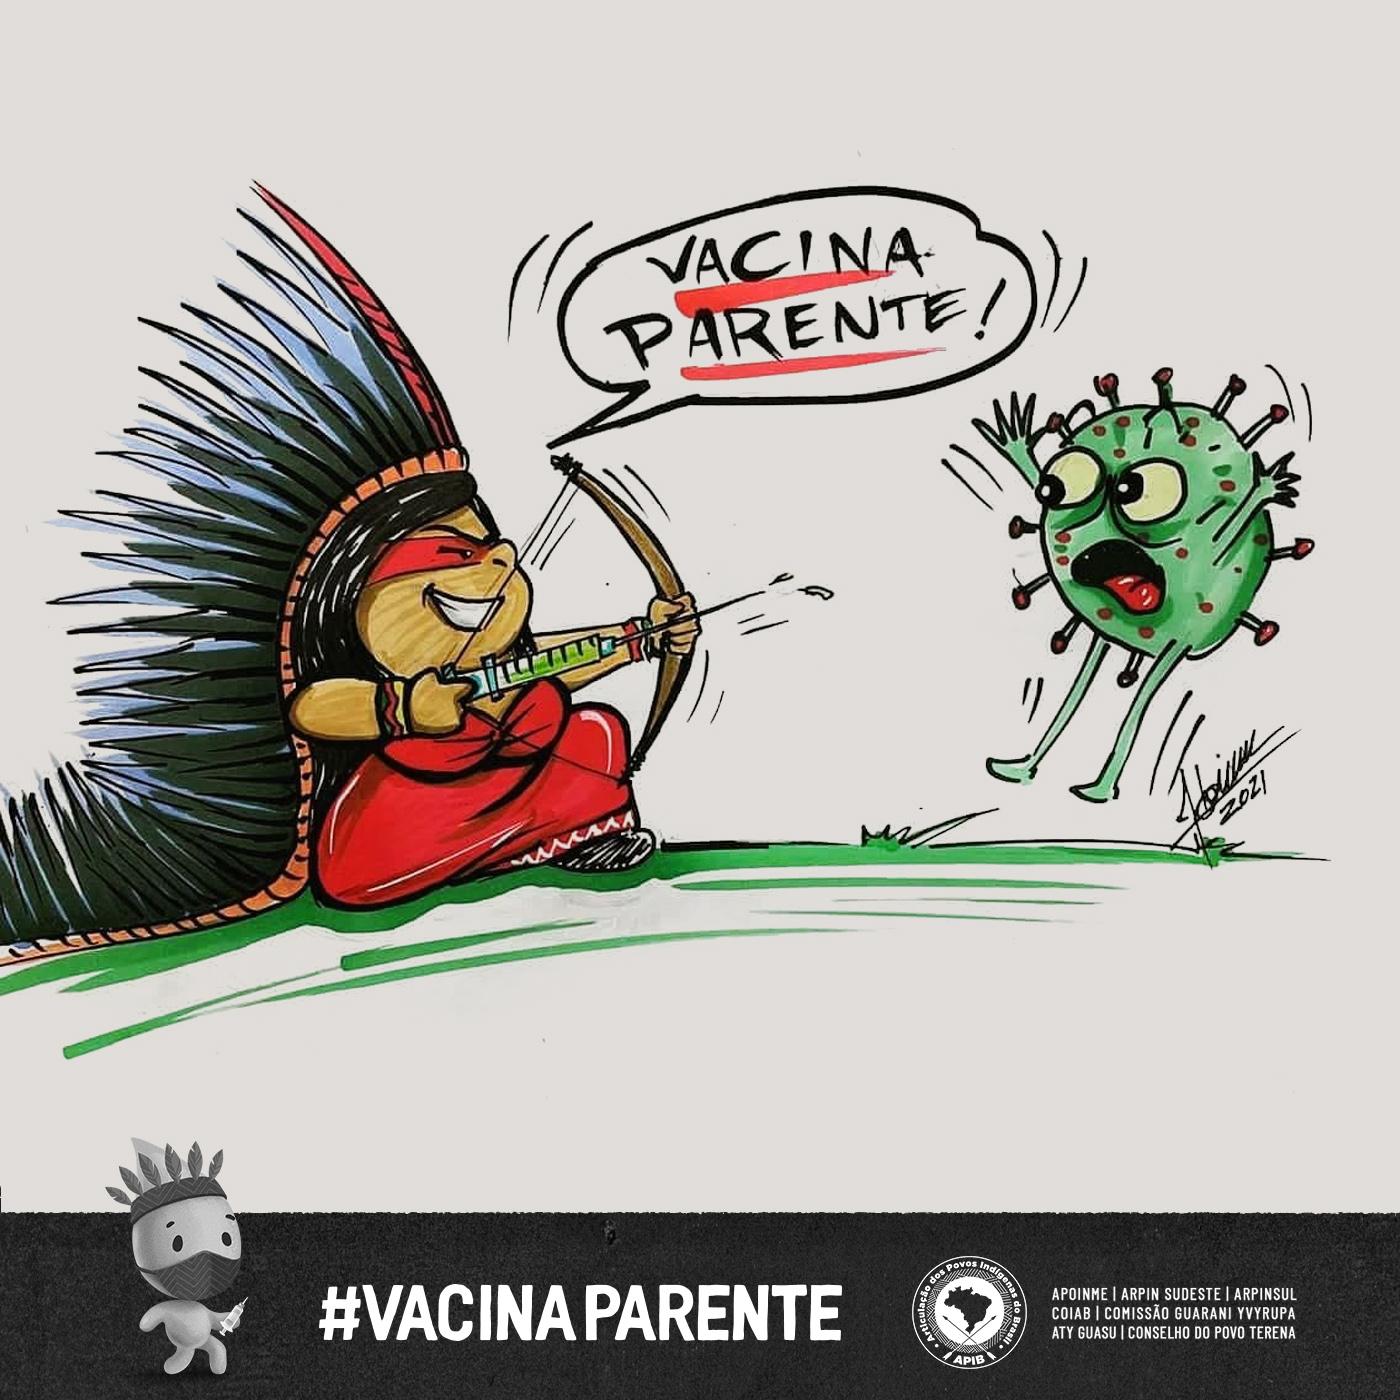 vacinaparente_cartoon8